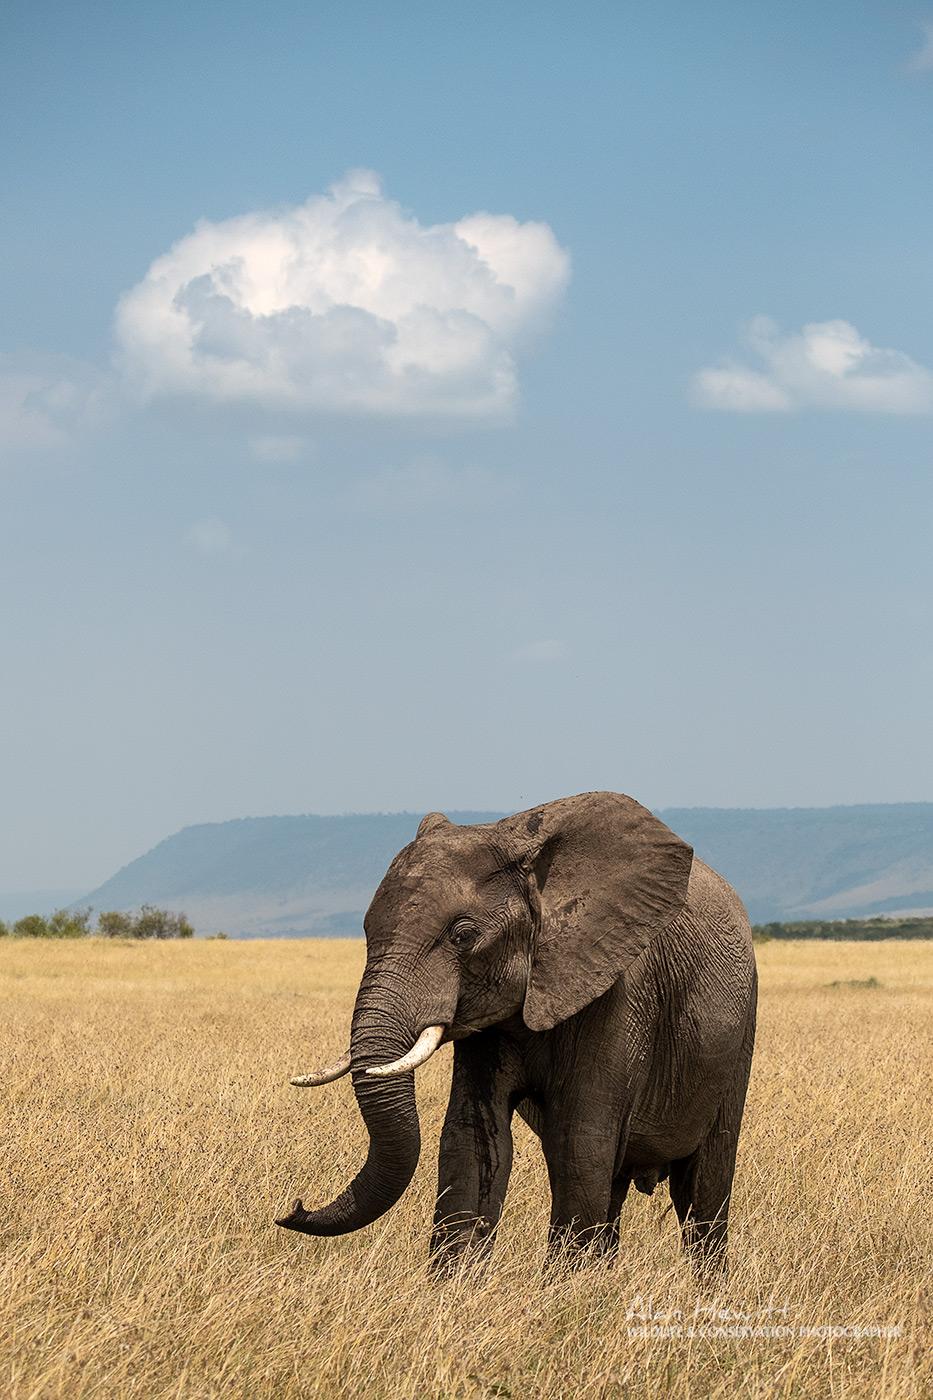 Elephant Maasai Mara African Photography Safari Alan Hewitt